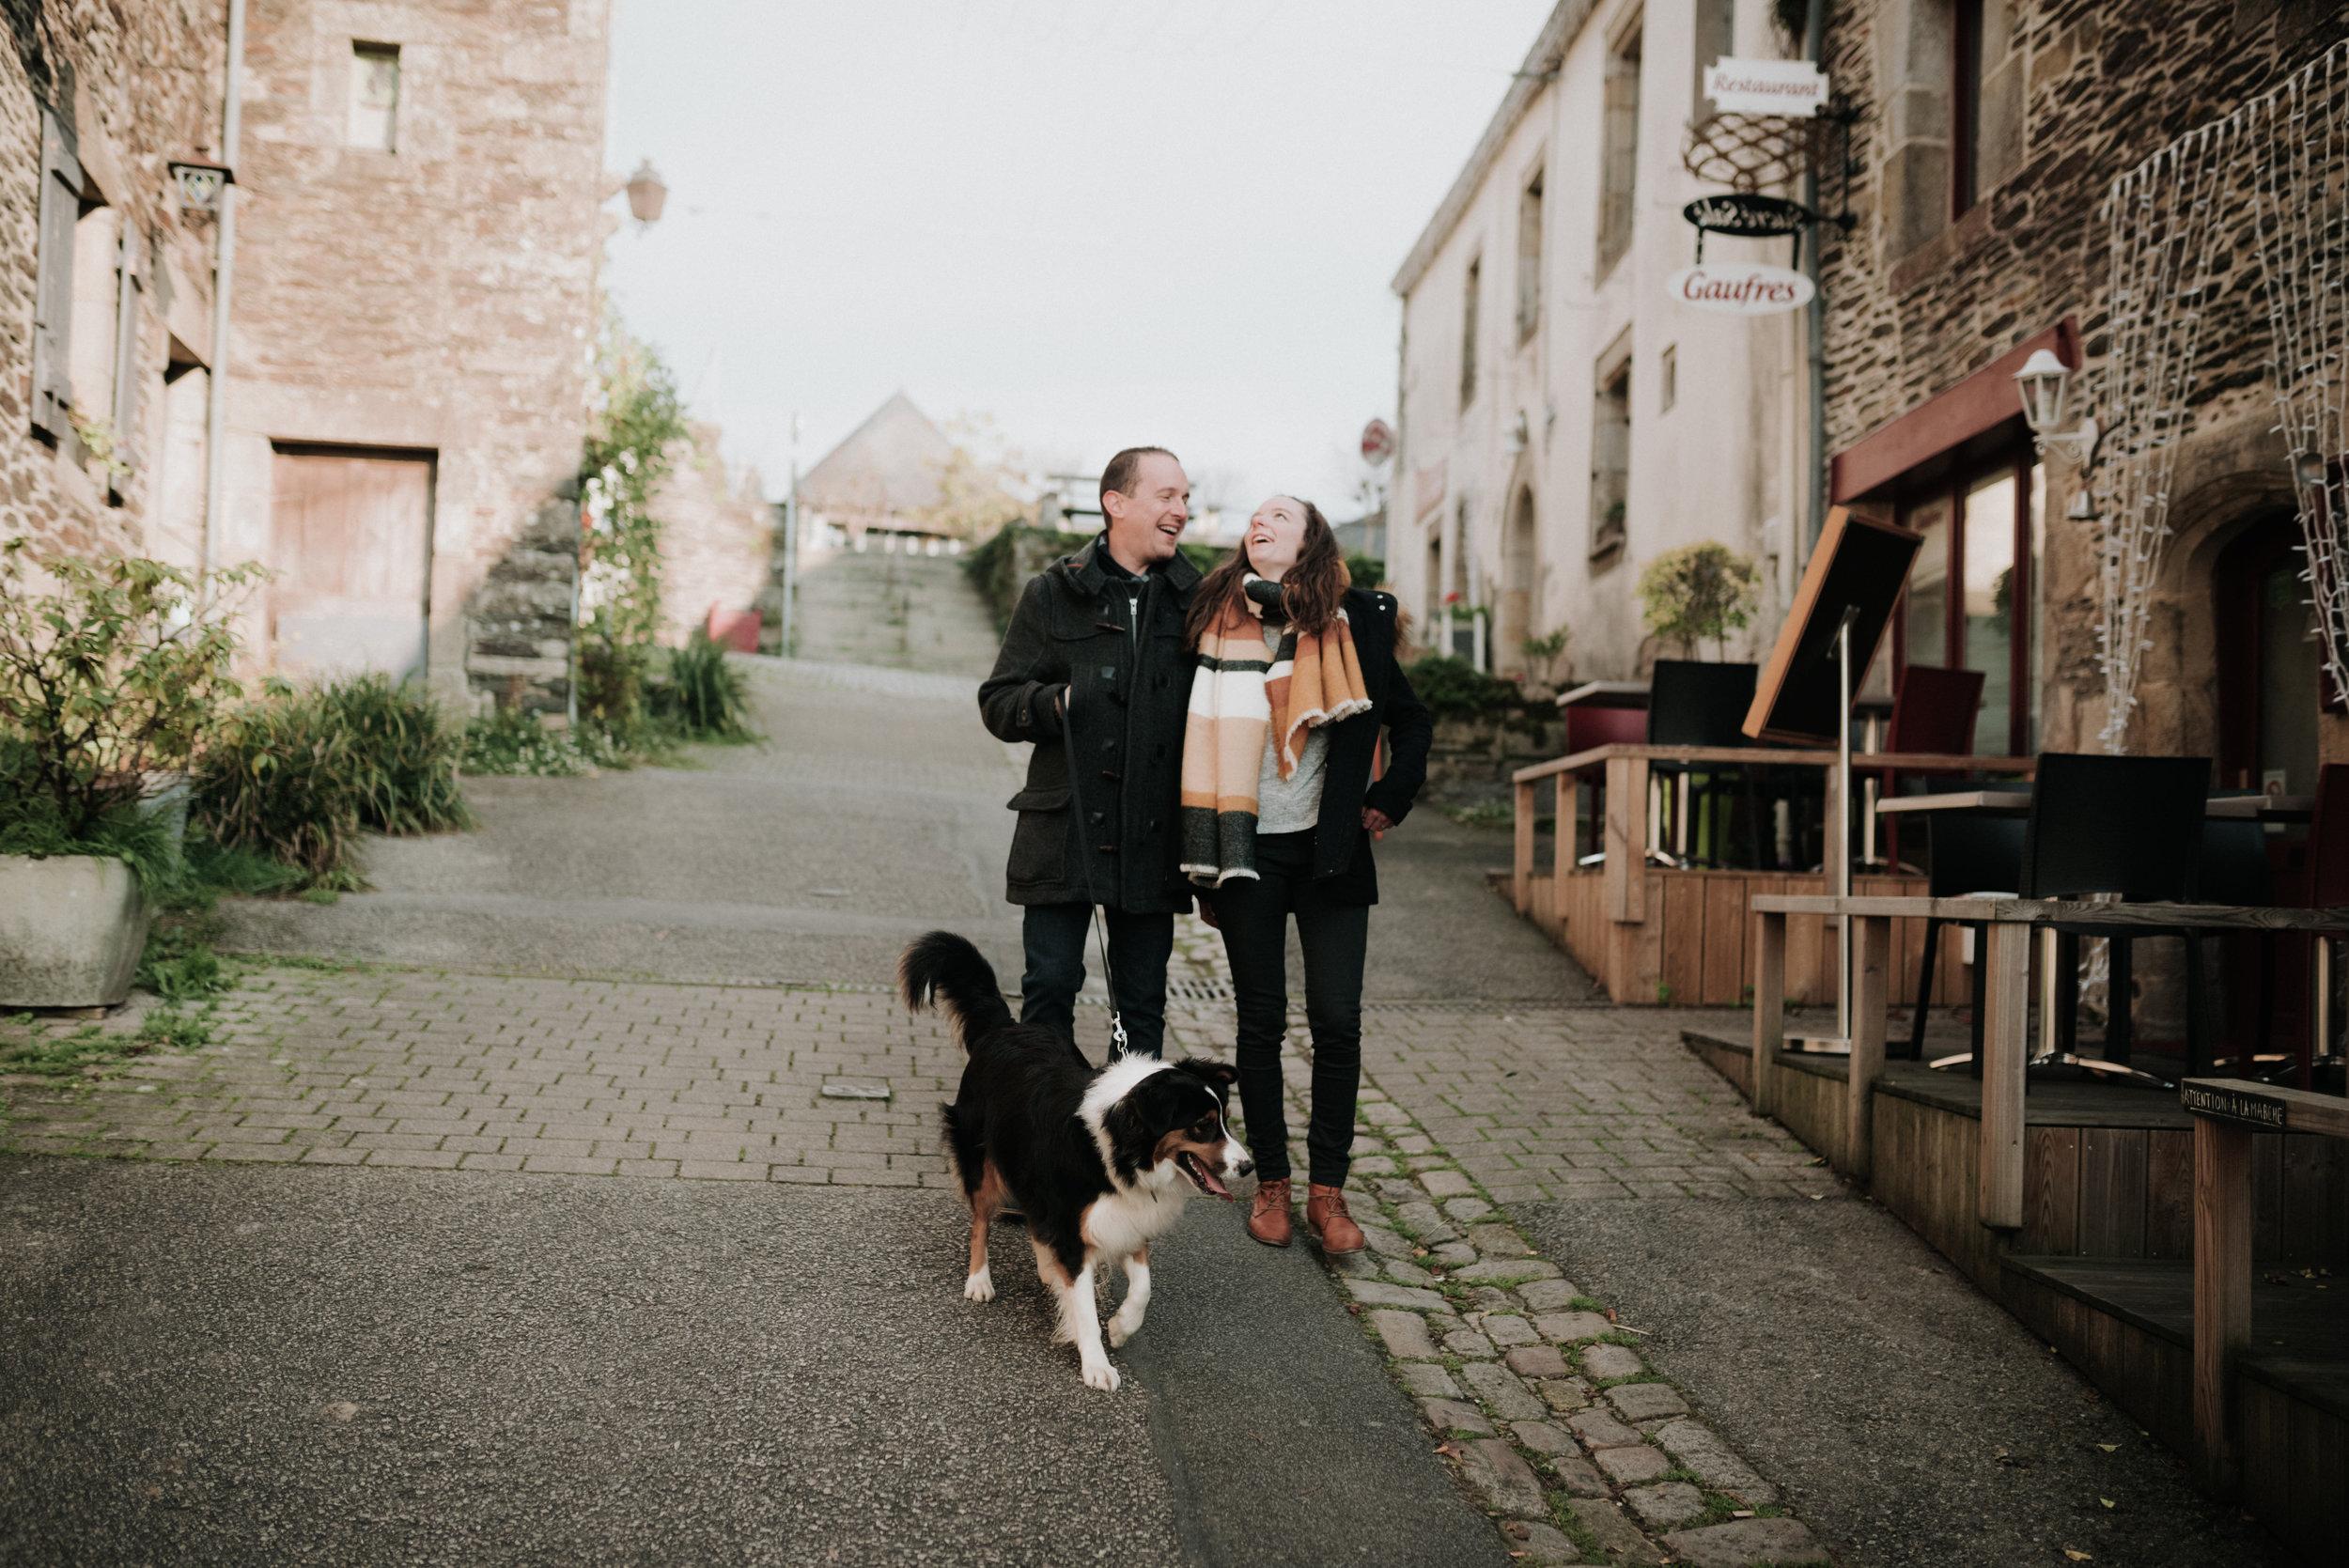 Léa-Fery-photographe-professionnel-lyon-rhone-alpes-portrait-creation-mariage-evenement-evenementiel-famille-4665.jpg